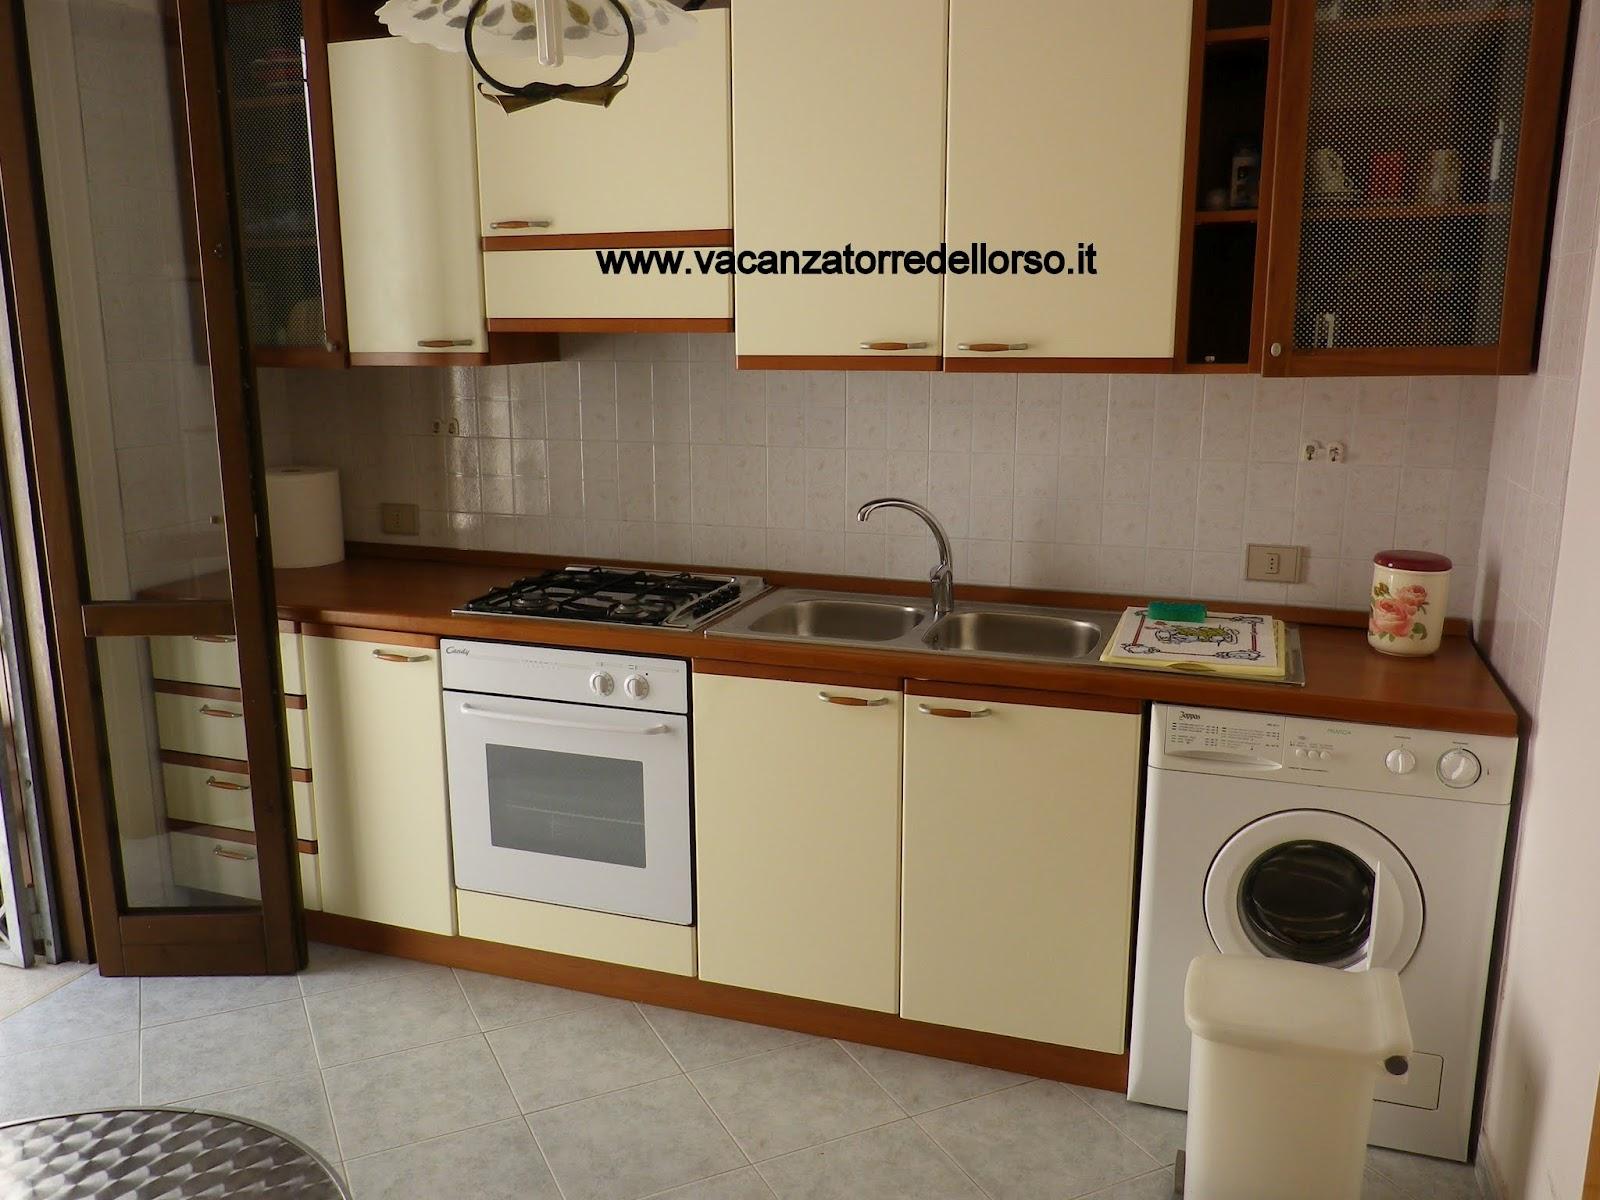 Cucina bagno vacanza torre dell 39 orso - Lavatrice cucina ...